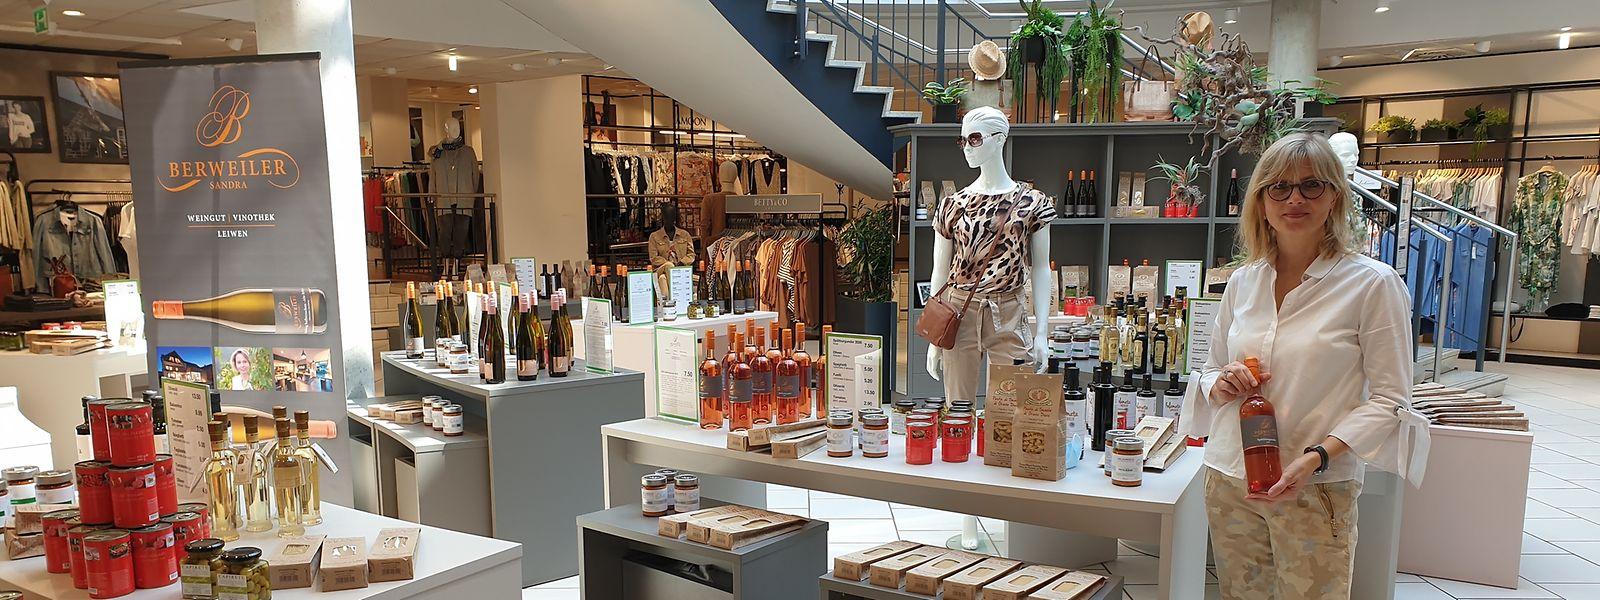 Unternehmerin Karin Kaltenkirchen hat bislang ausschließlich Mode verkauft. Nun hat sie auch Feinkost und Drogerieartikel ins Sortiment genommen.